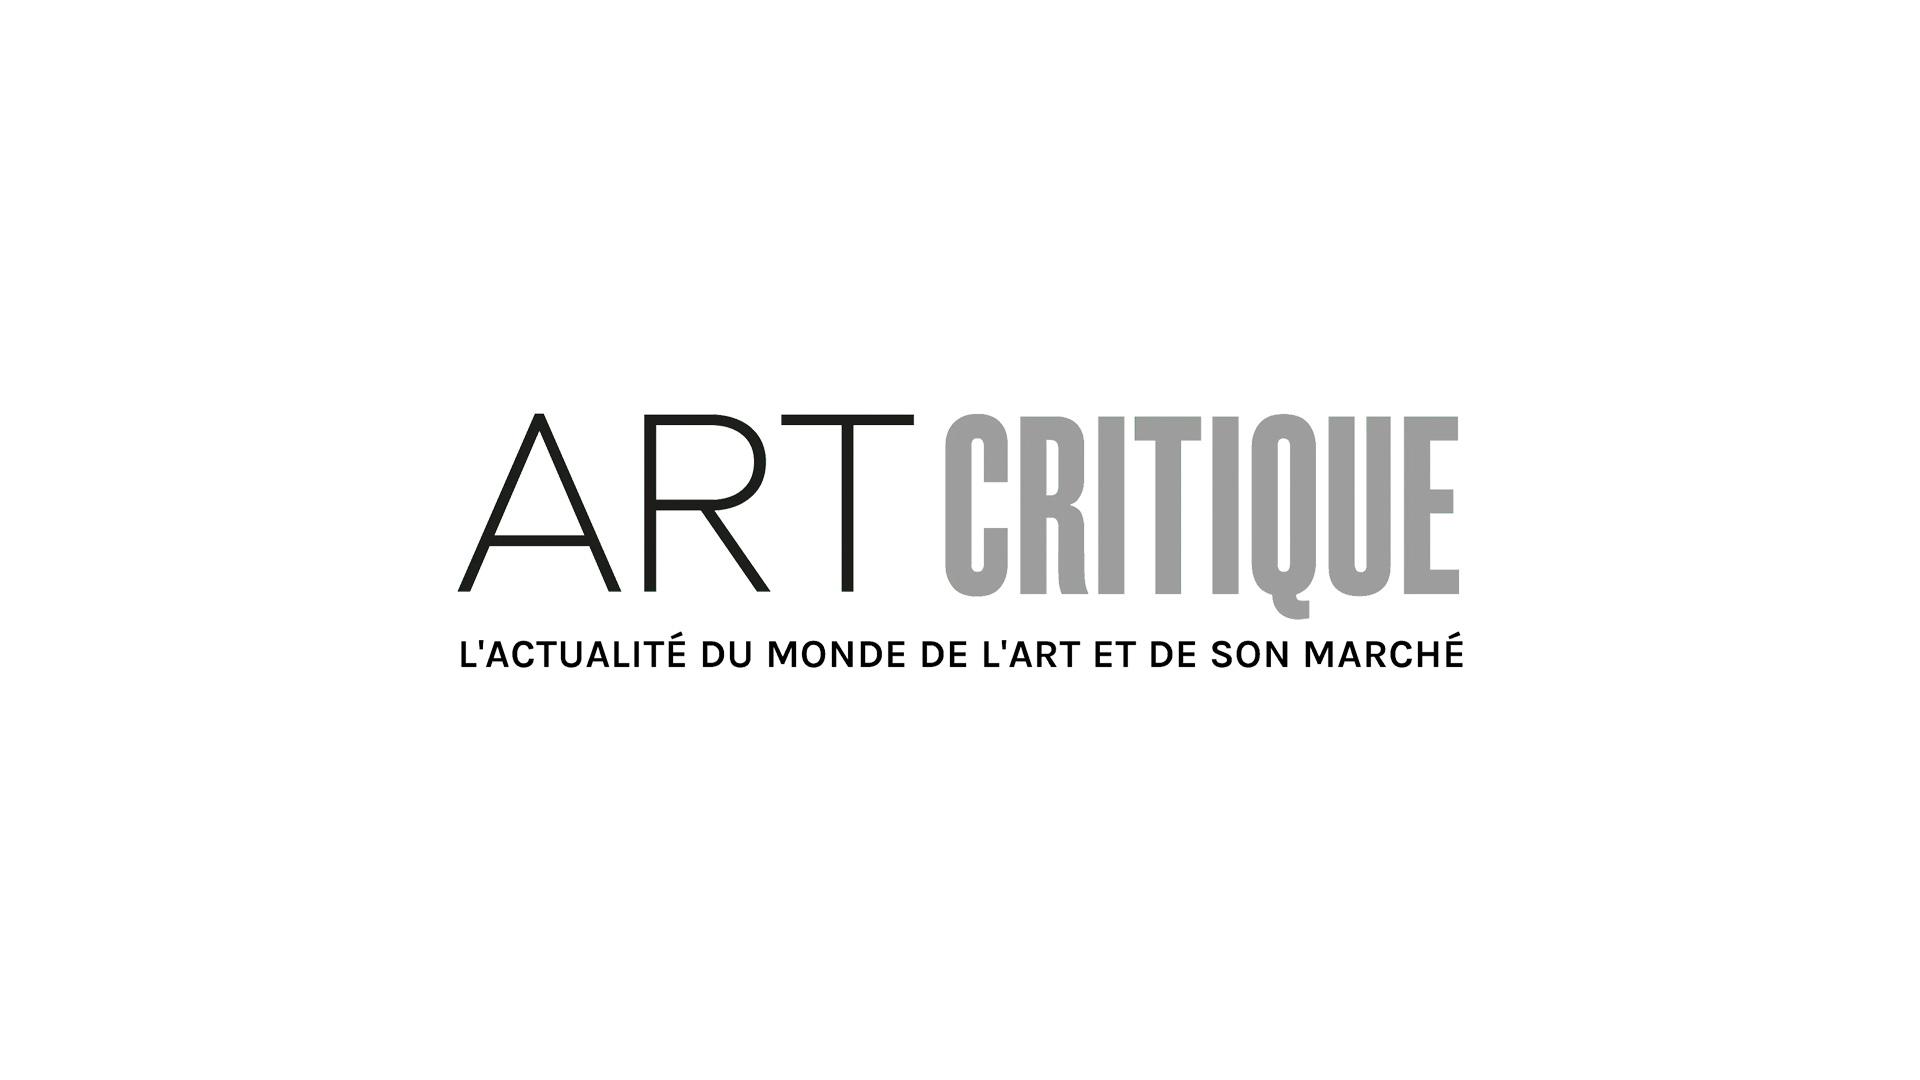 Une rétrospective dédiée à l'œuvre de Pierre Tal Coat à la galerie Maeght